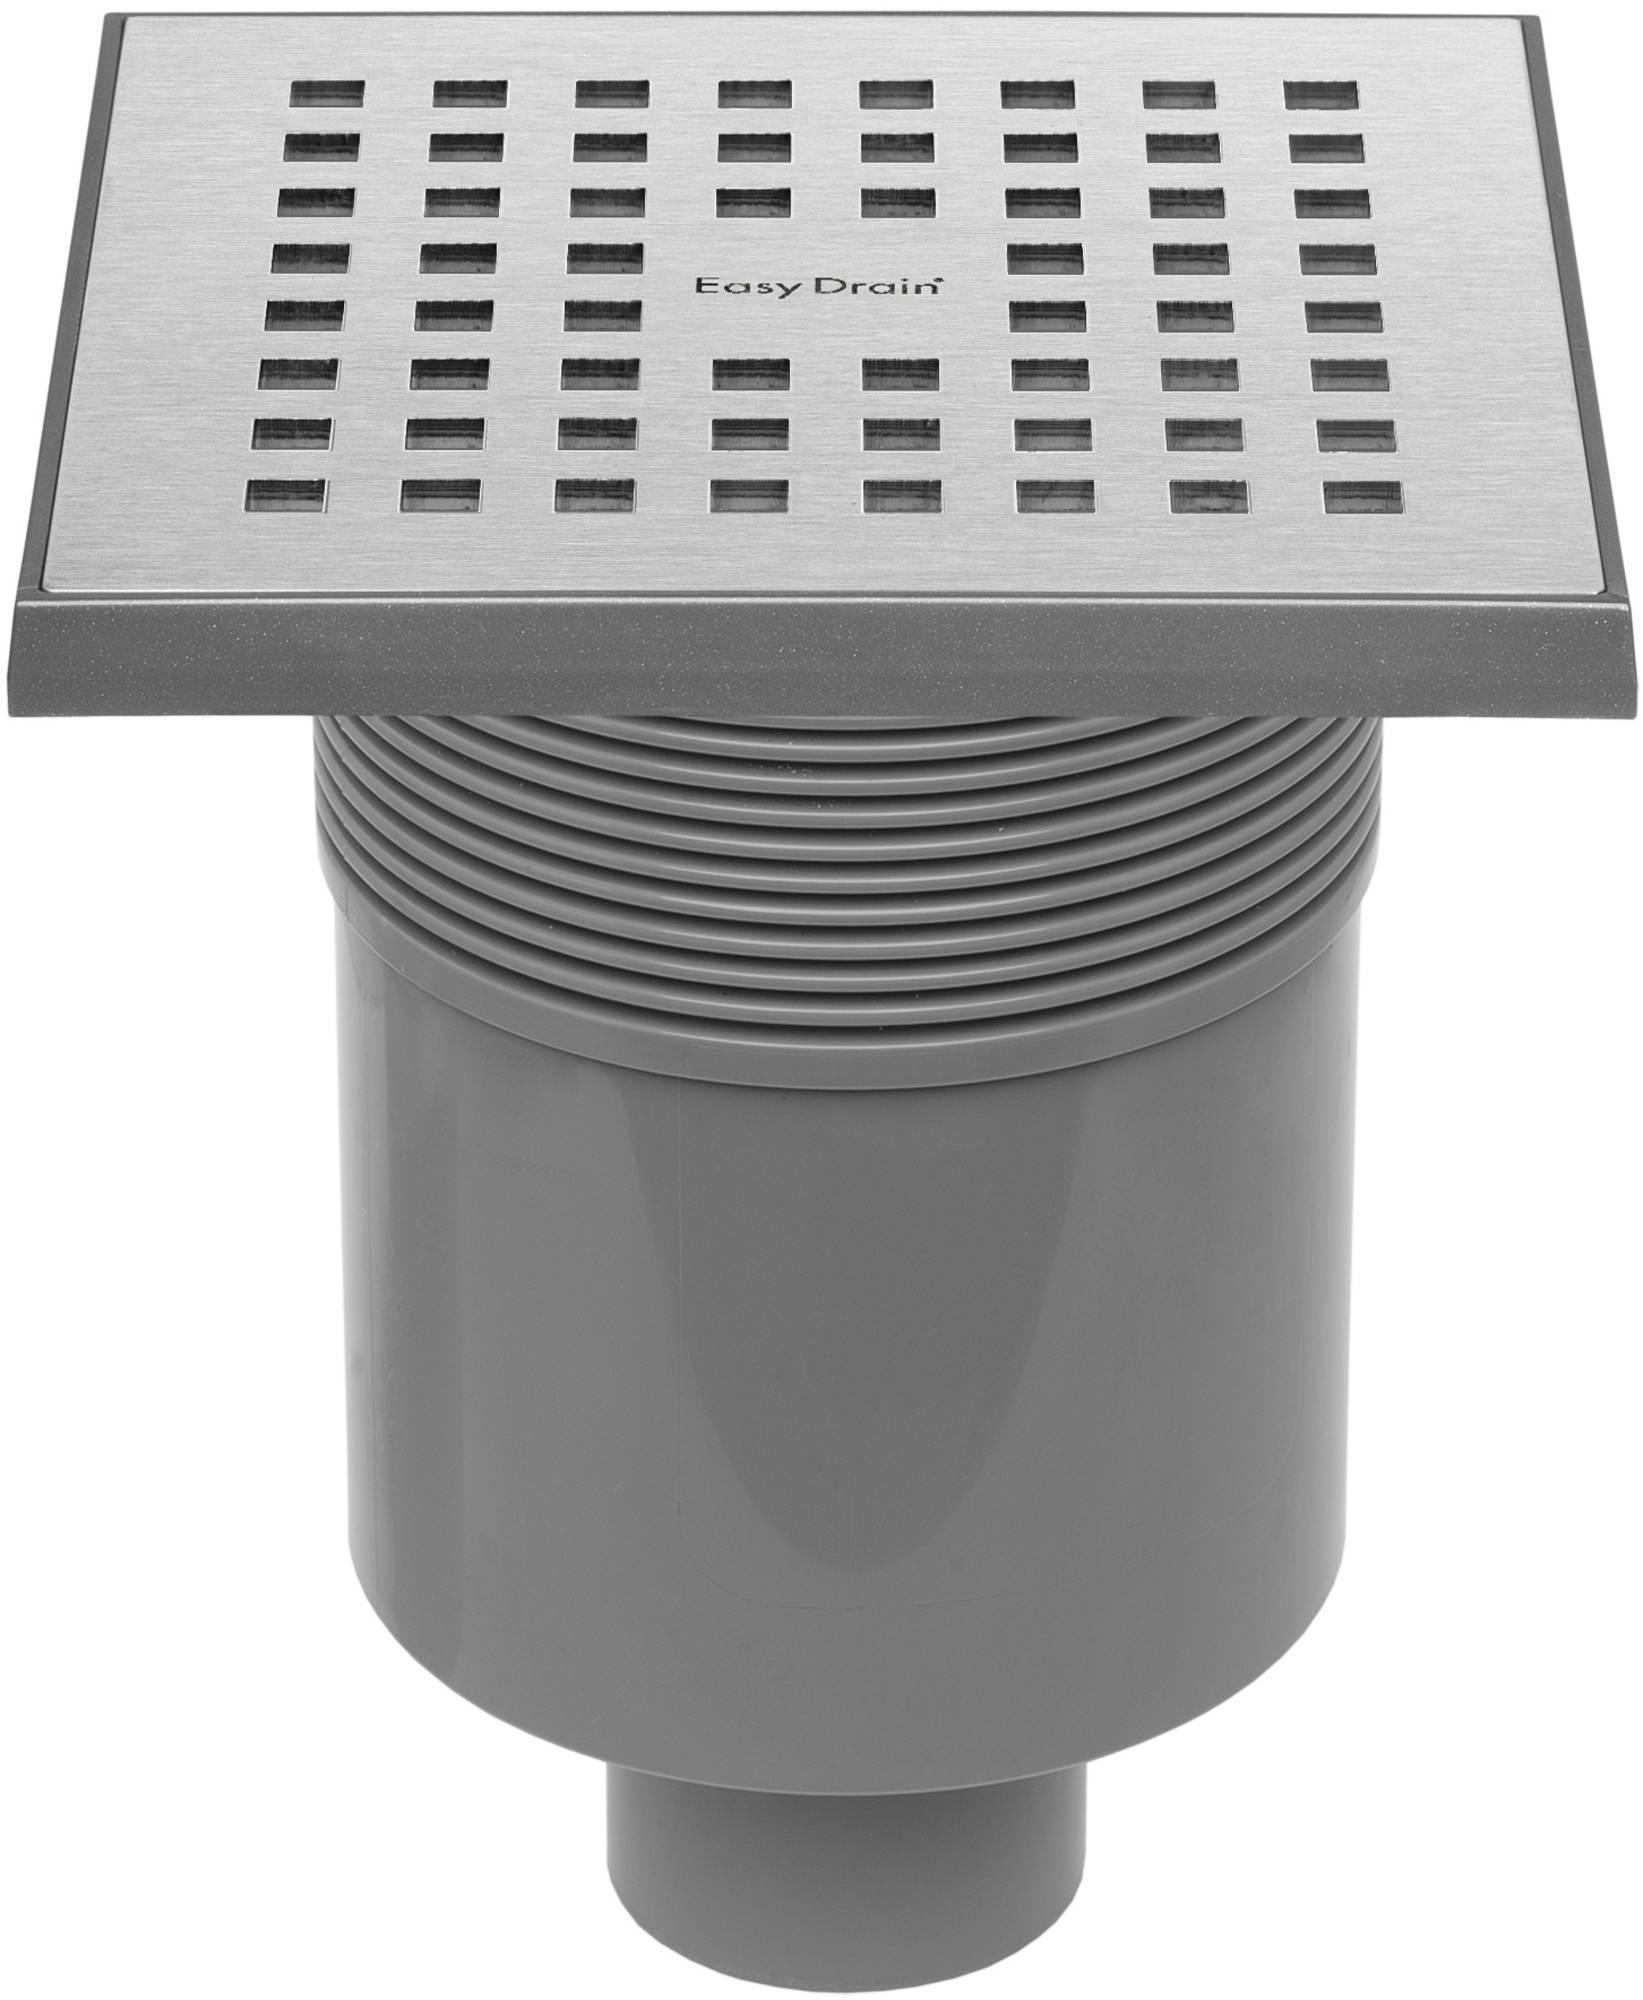 Easydrain Aqua quattro vloerput abs 15x15 cm, verticaal, rvs geborsteld